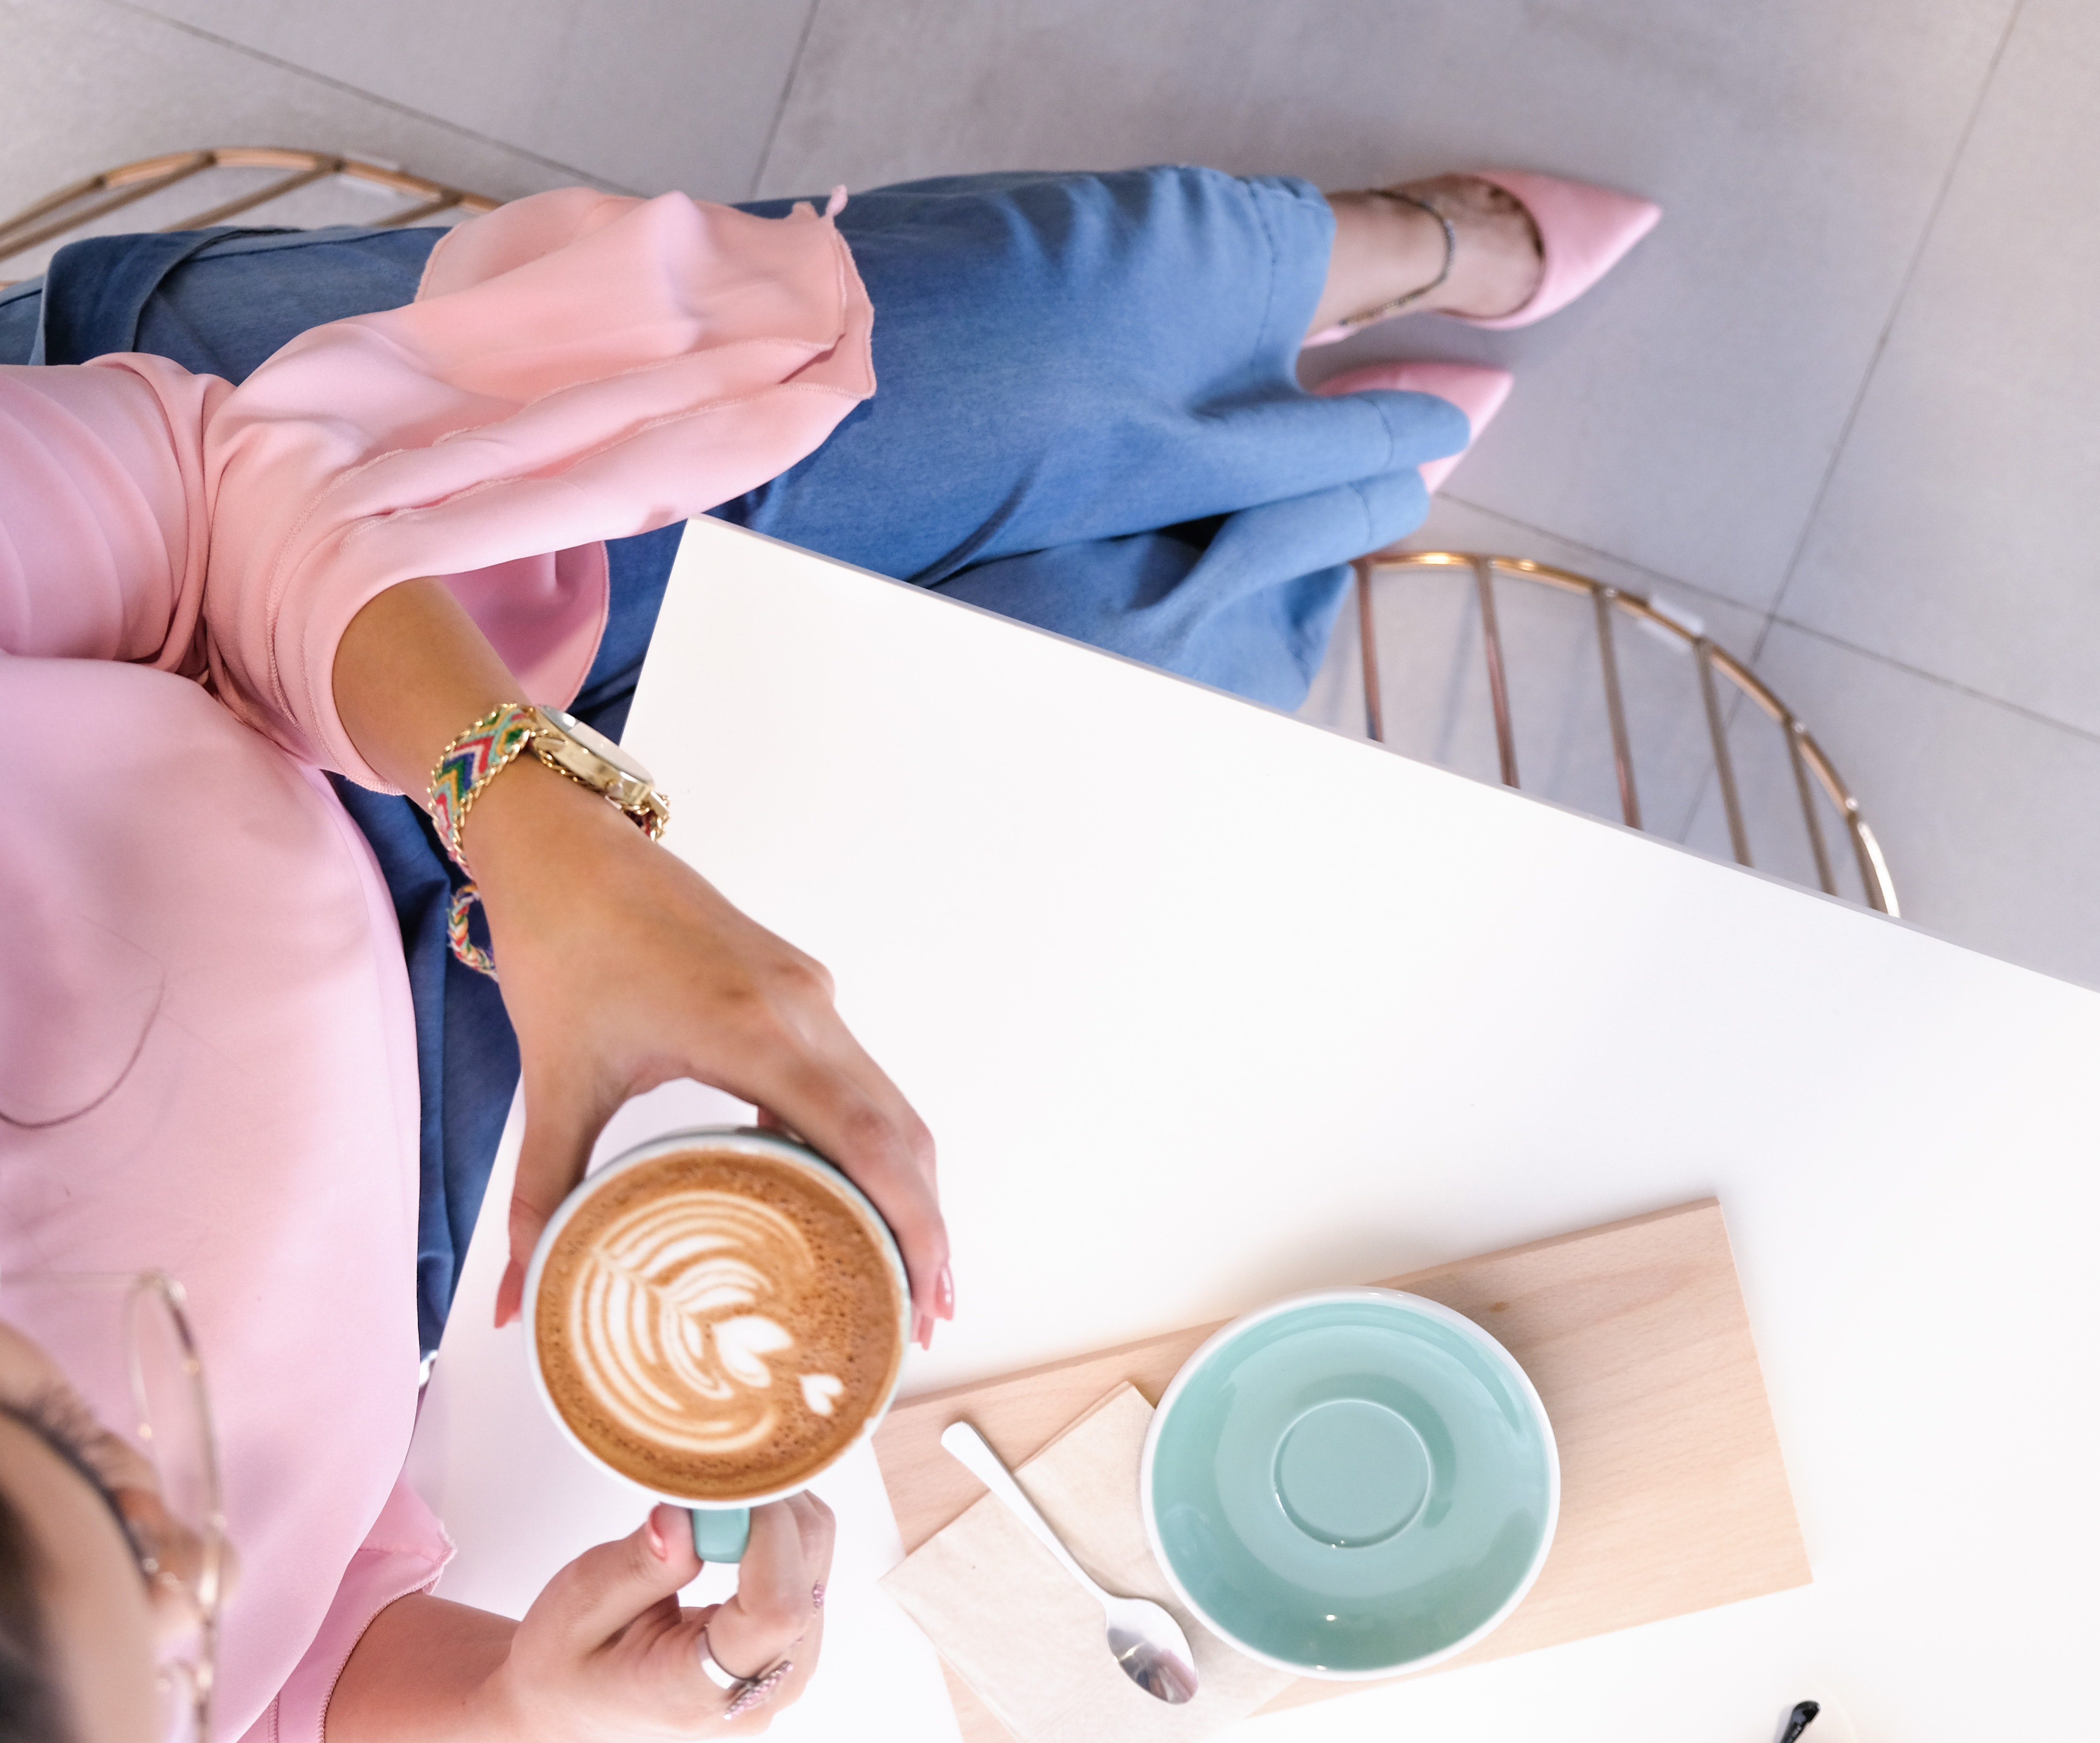 beverage-cafe-caffeine-1260599.jpg